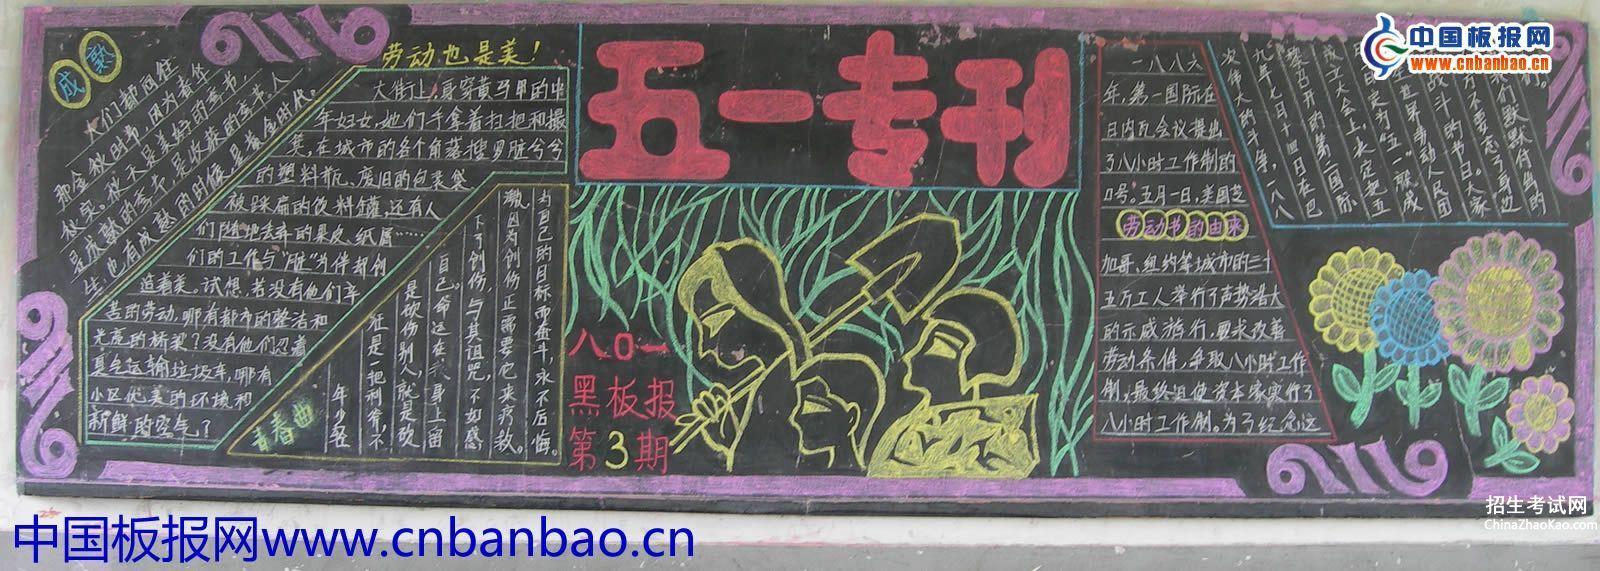 幼儿园黑板报内容幼儿园黑板报图片